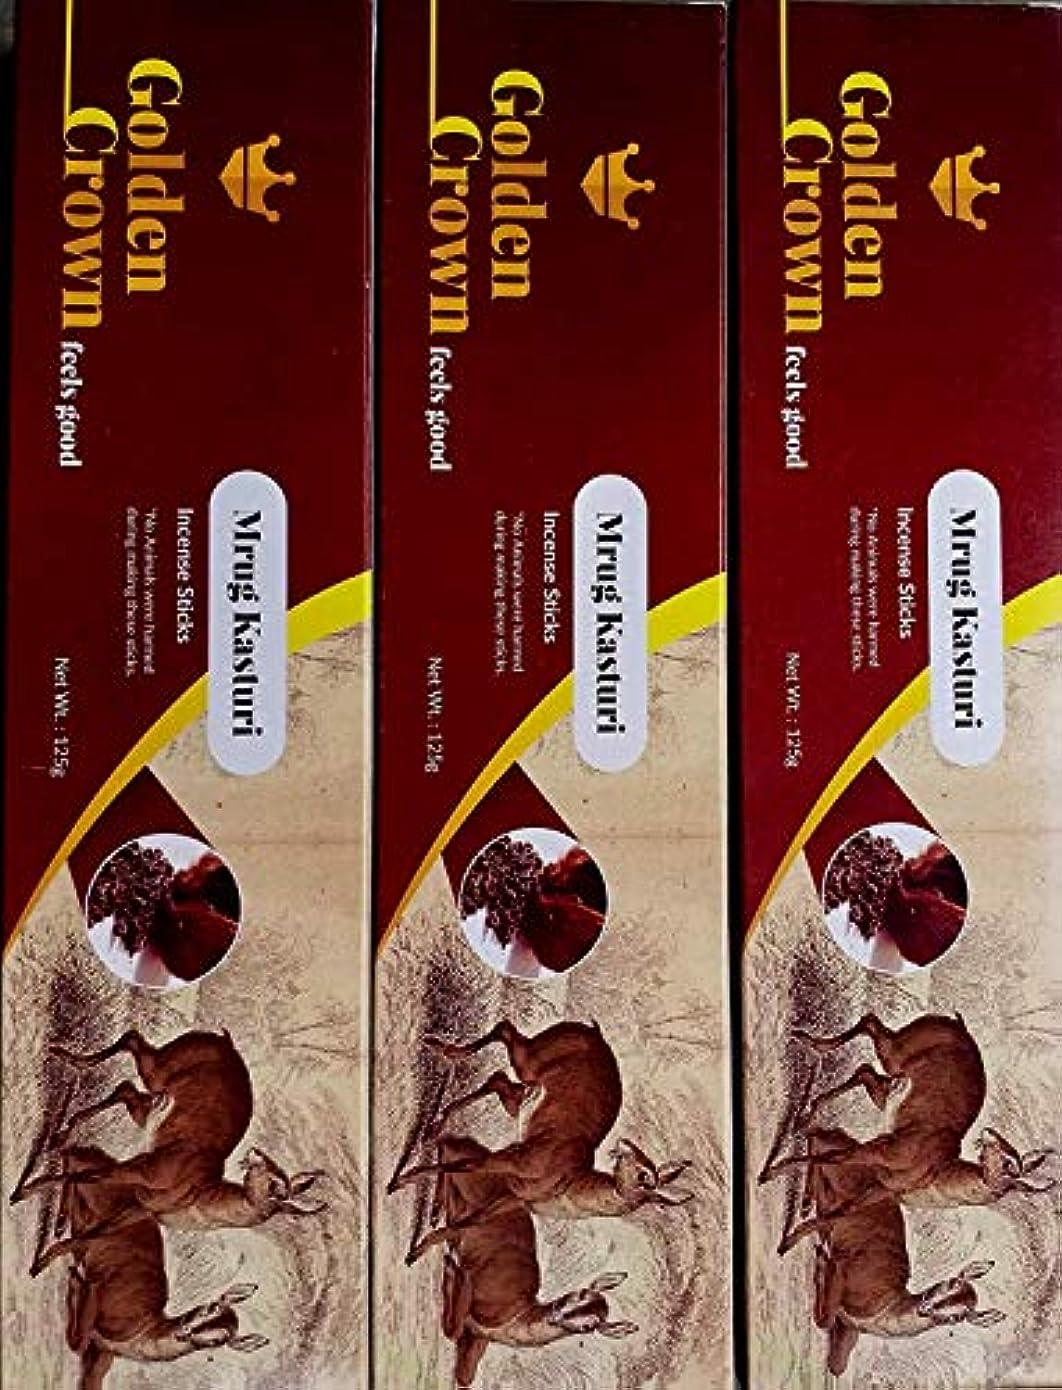 中絶ホイットニー有利Pack of Three Boxes Contain Each 125 Grams Mrug Kasturi Incense Sticks, Total 375 Grams.